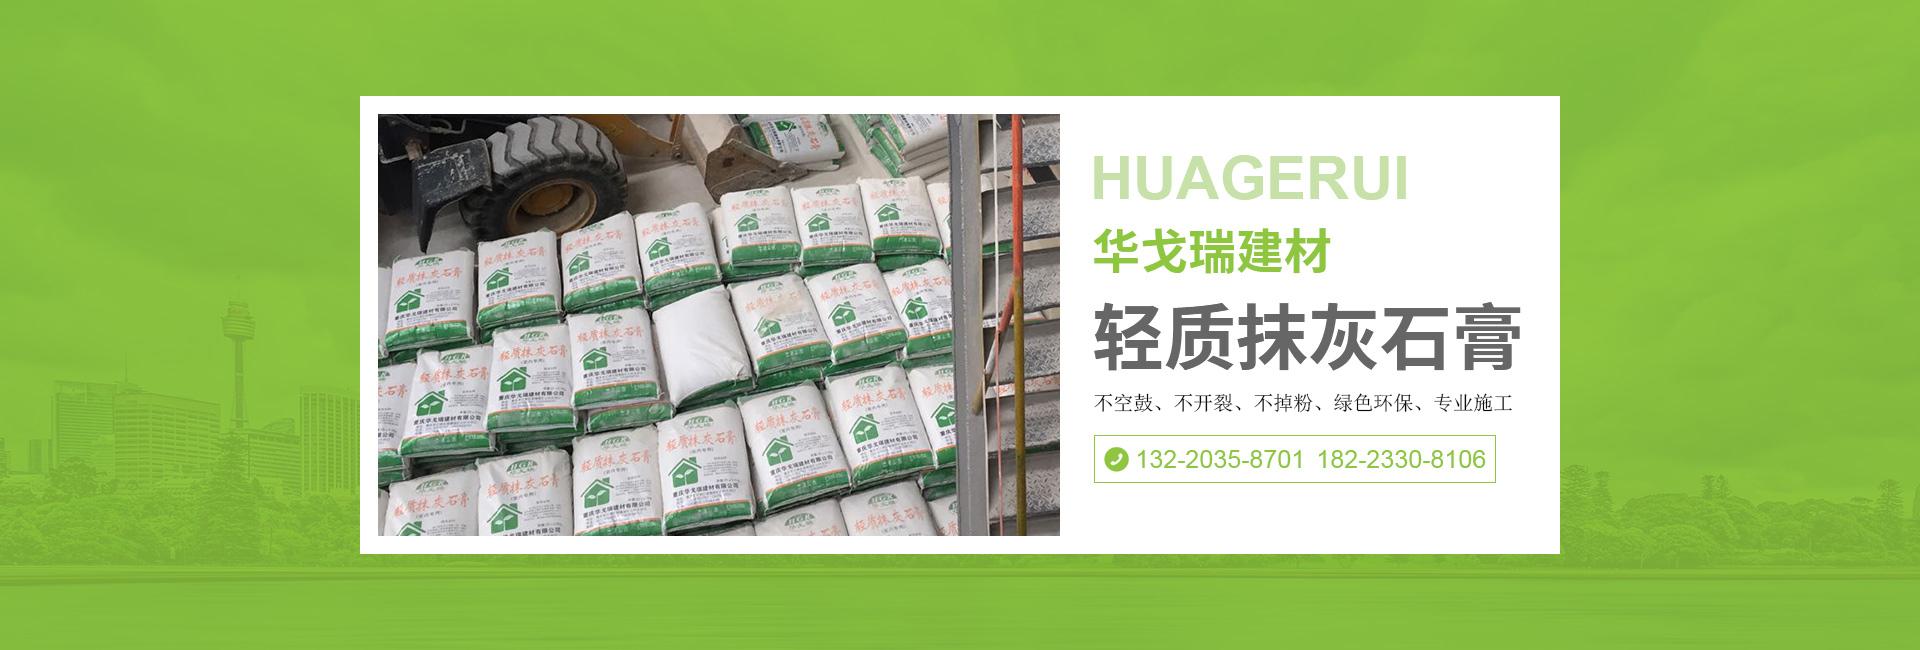 轻质石膏粉厂家